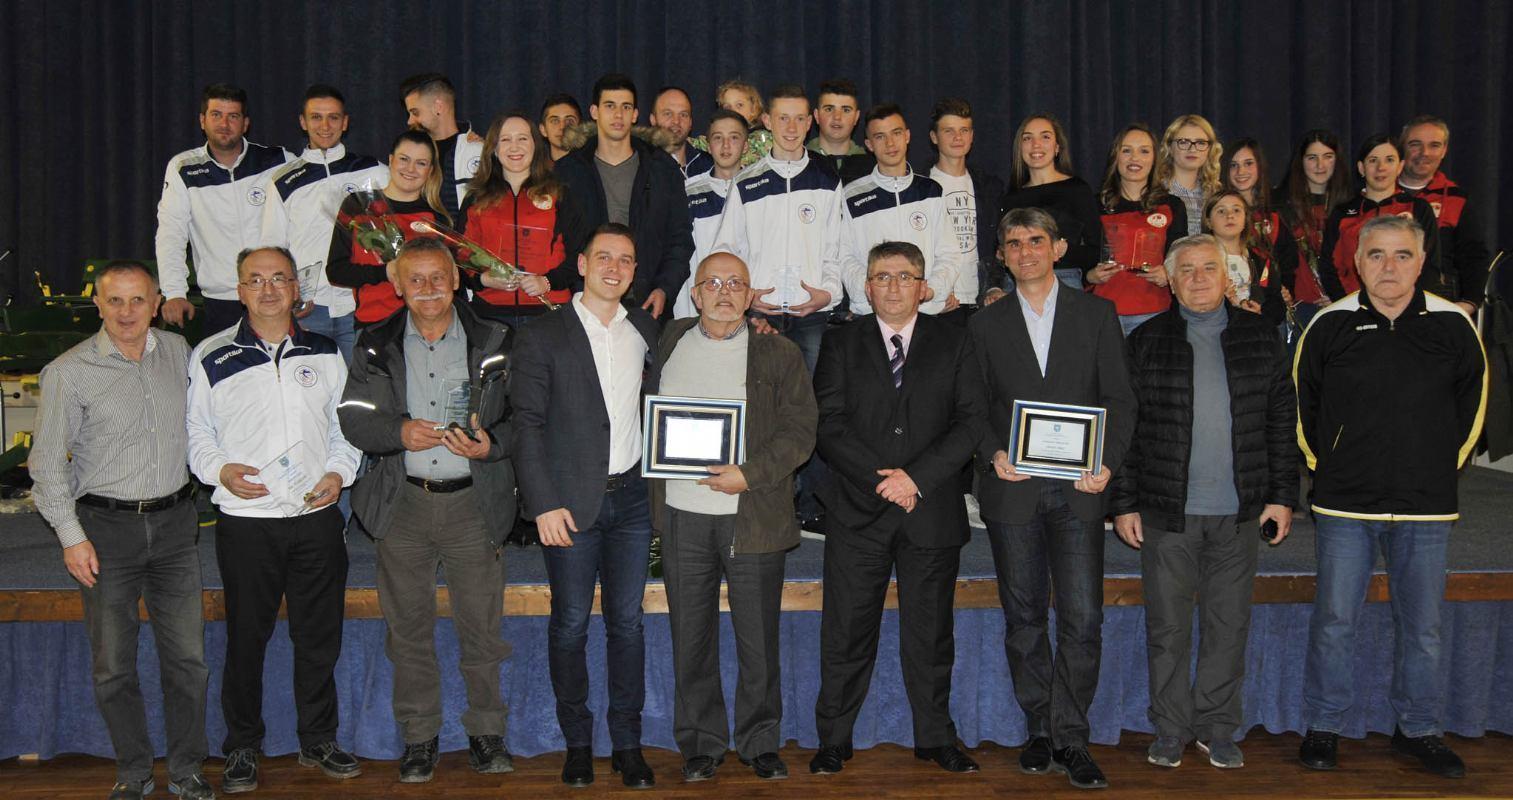 Laureati C.Bajrić, A.Prlaguzić, BK Čavle-ŠB i BK Vargon